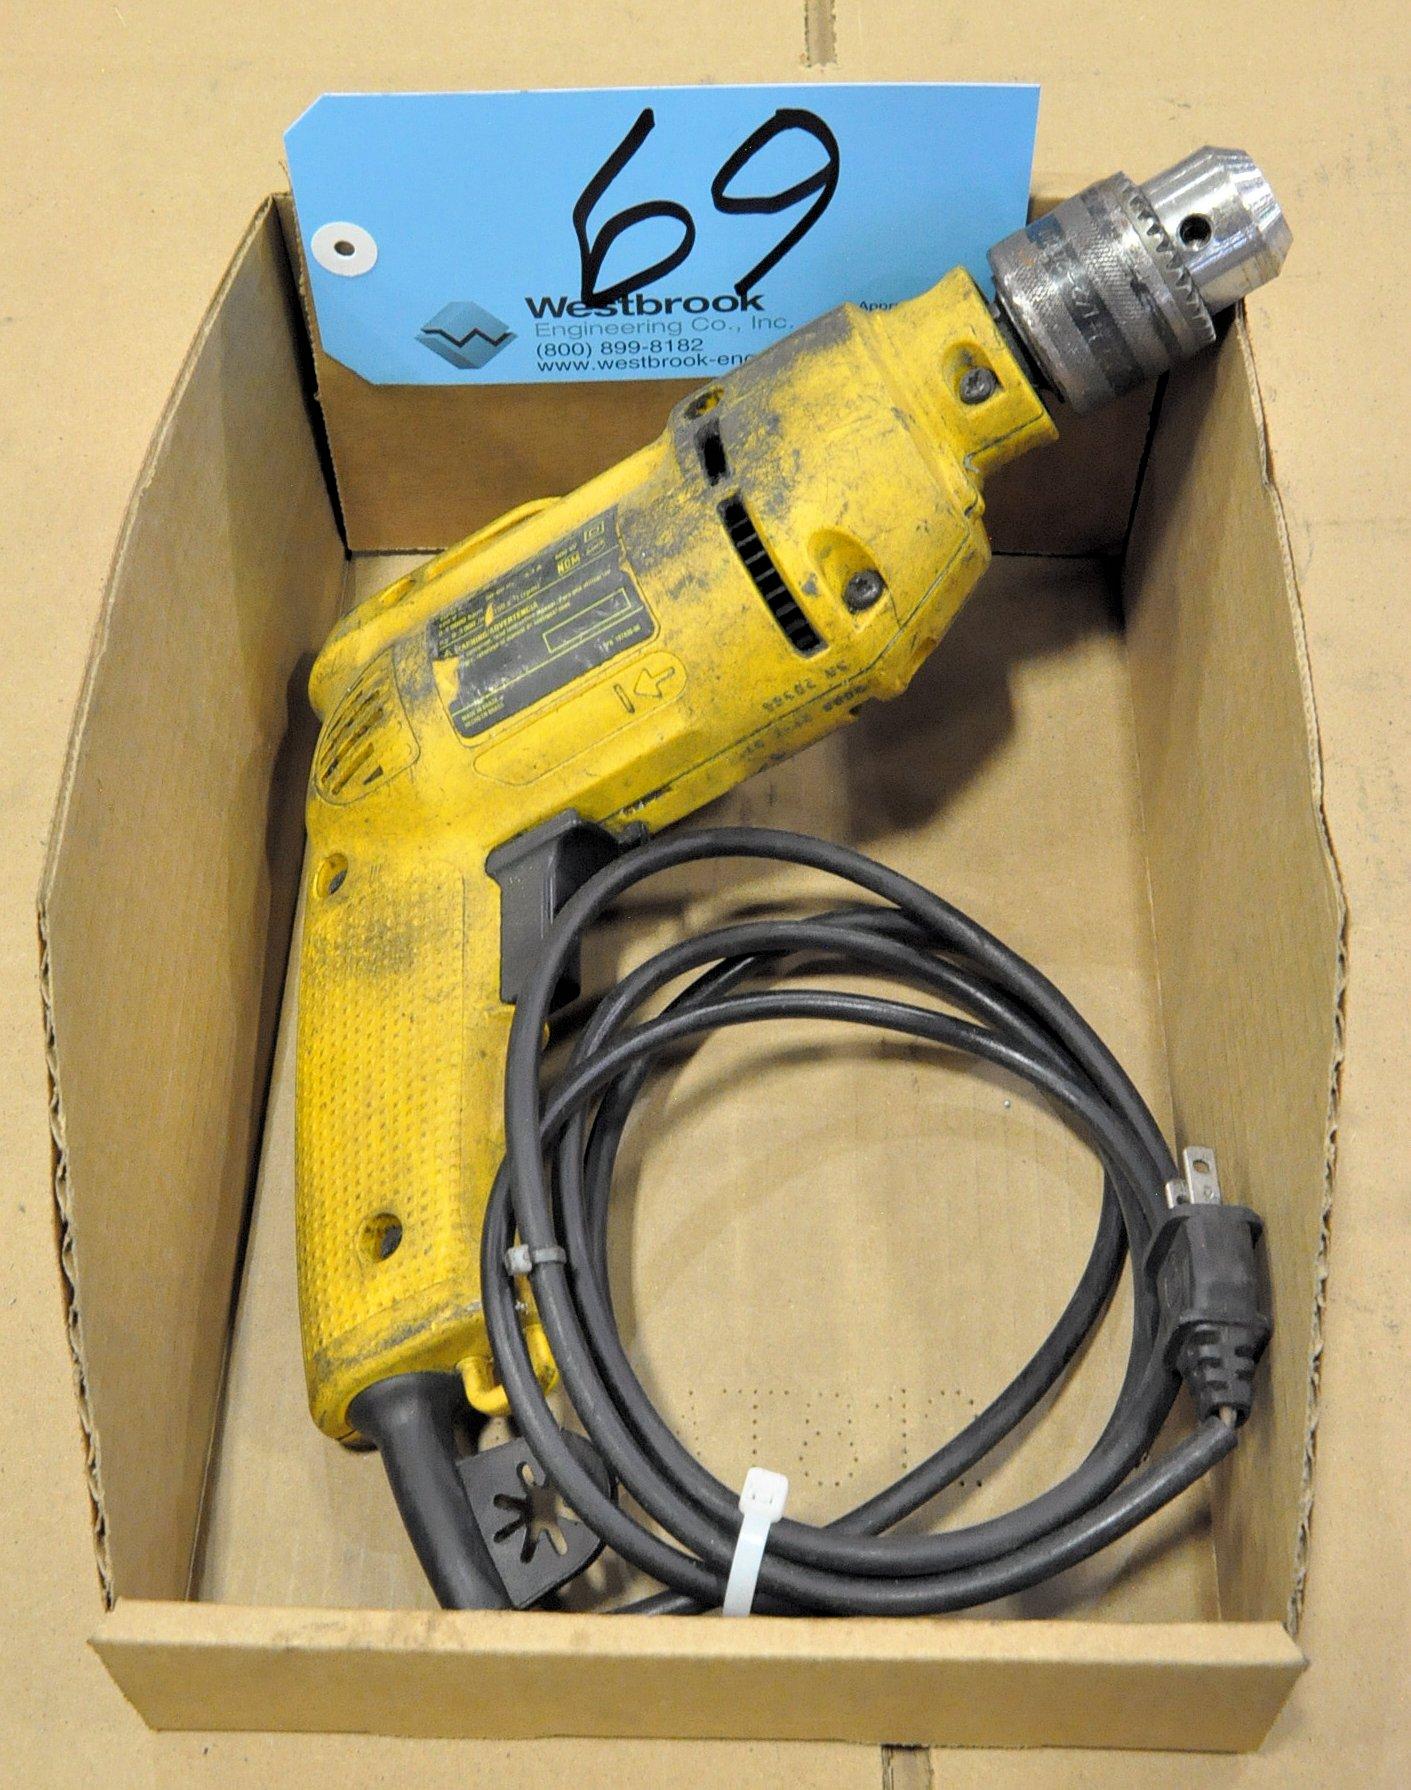 DeWalt DW502-B3, 1/2' Electric Drill in (1) Box